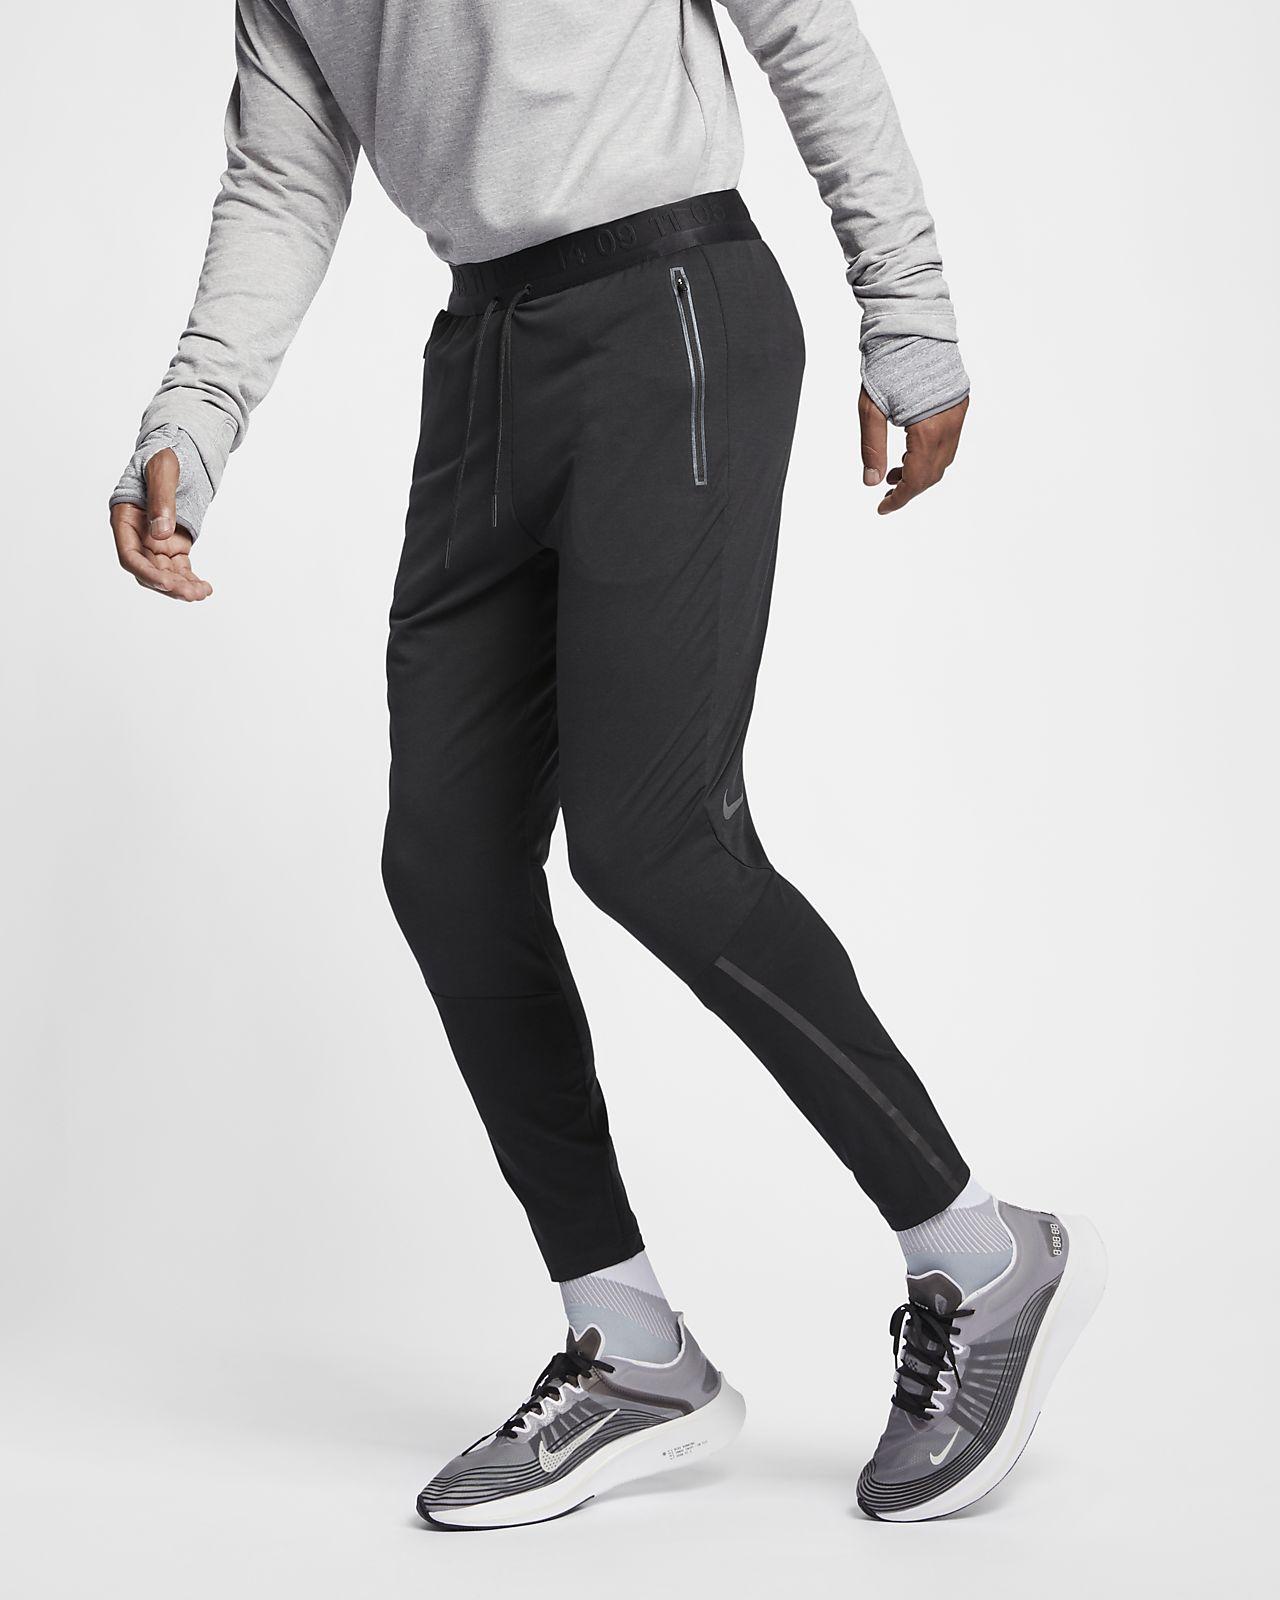 Nike Therma Sphere  Men's Running Pants